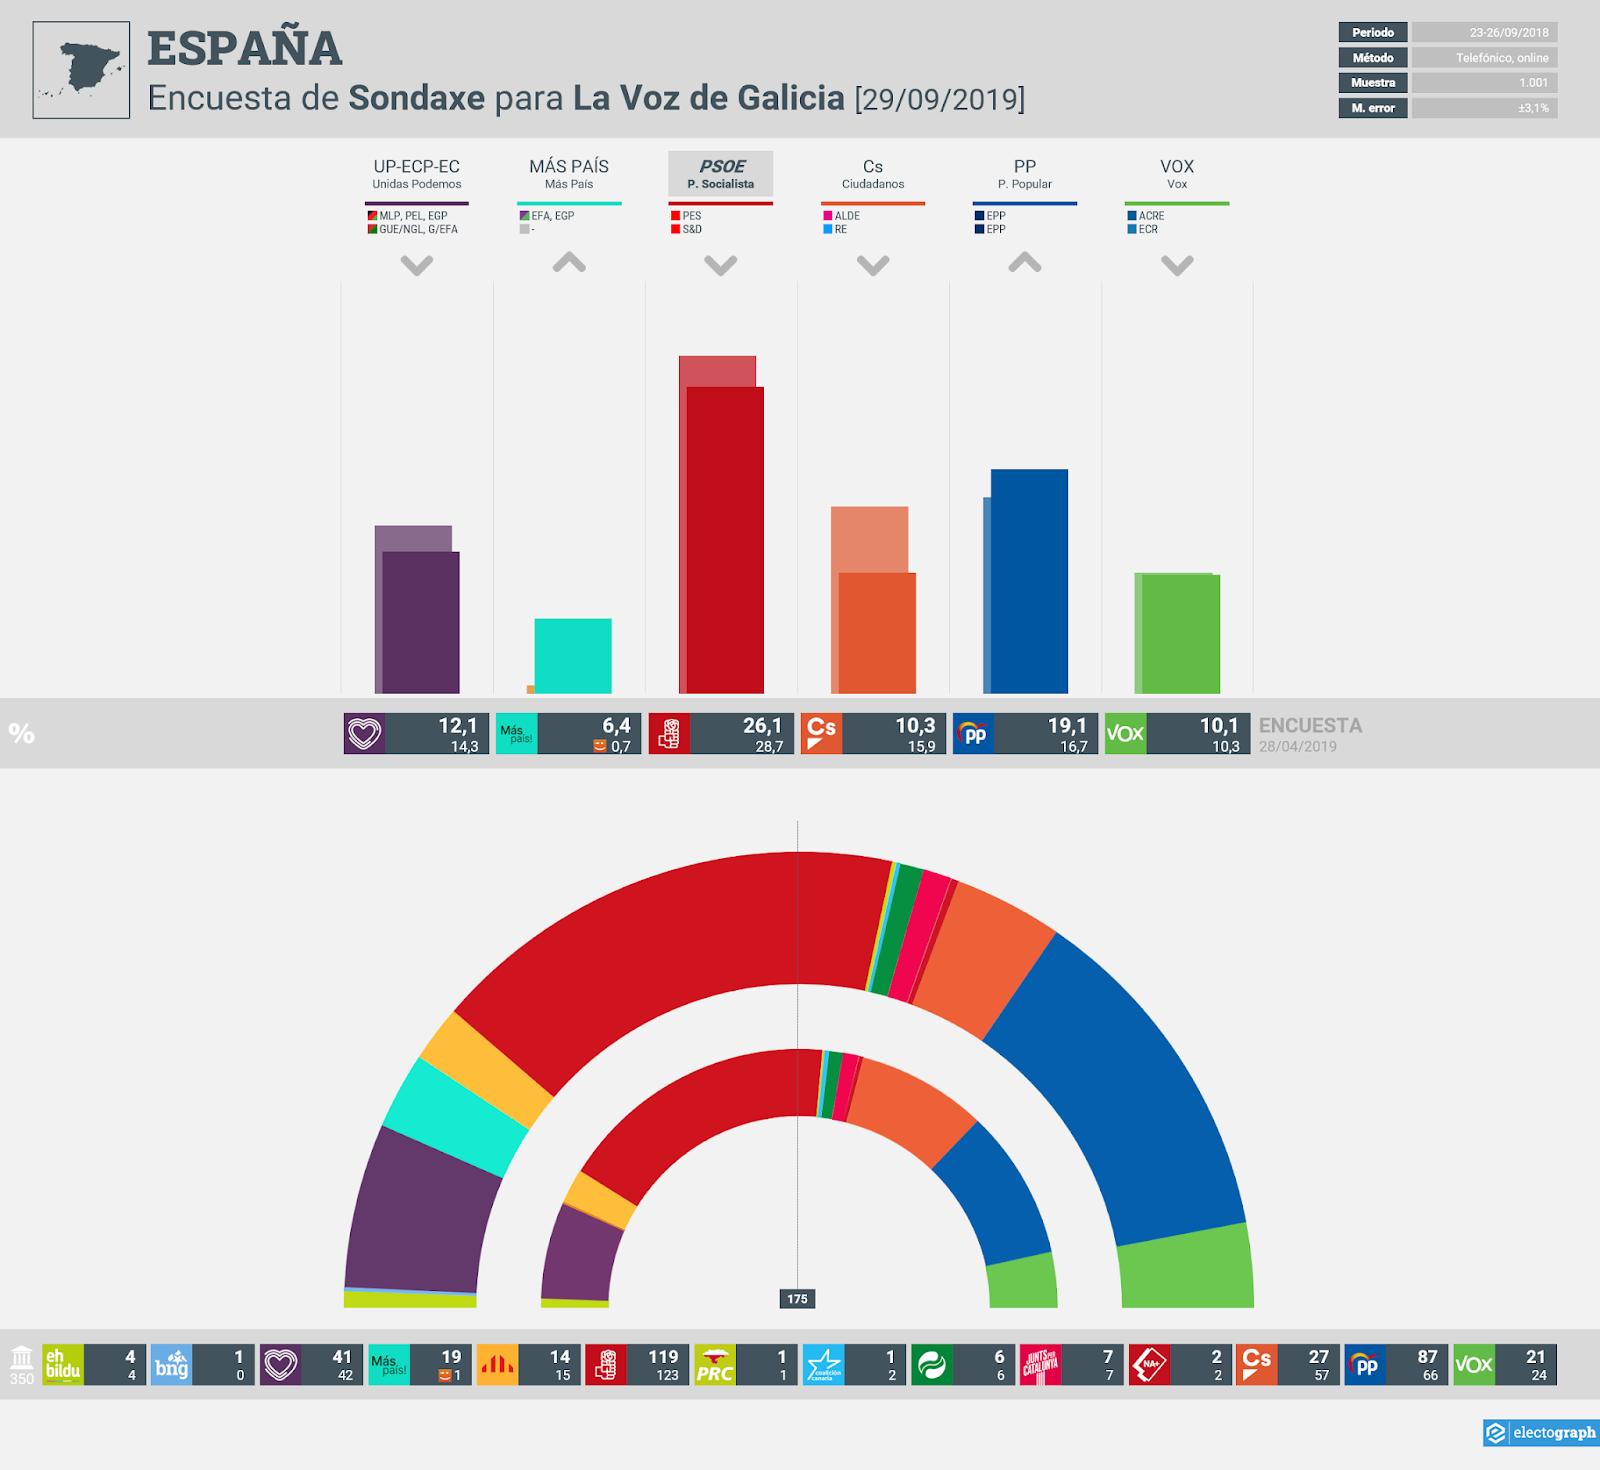 Gráfico de la encuesta para elecciones generales en España realizada por Sondaxe para La Voz de Galicia, 29 de Septiembre de 2019